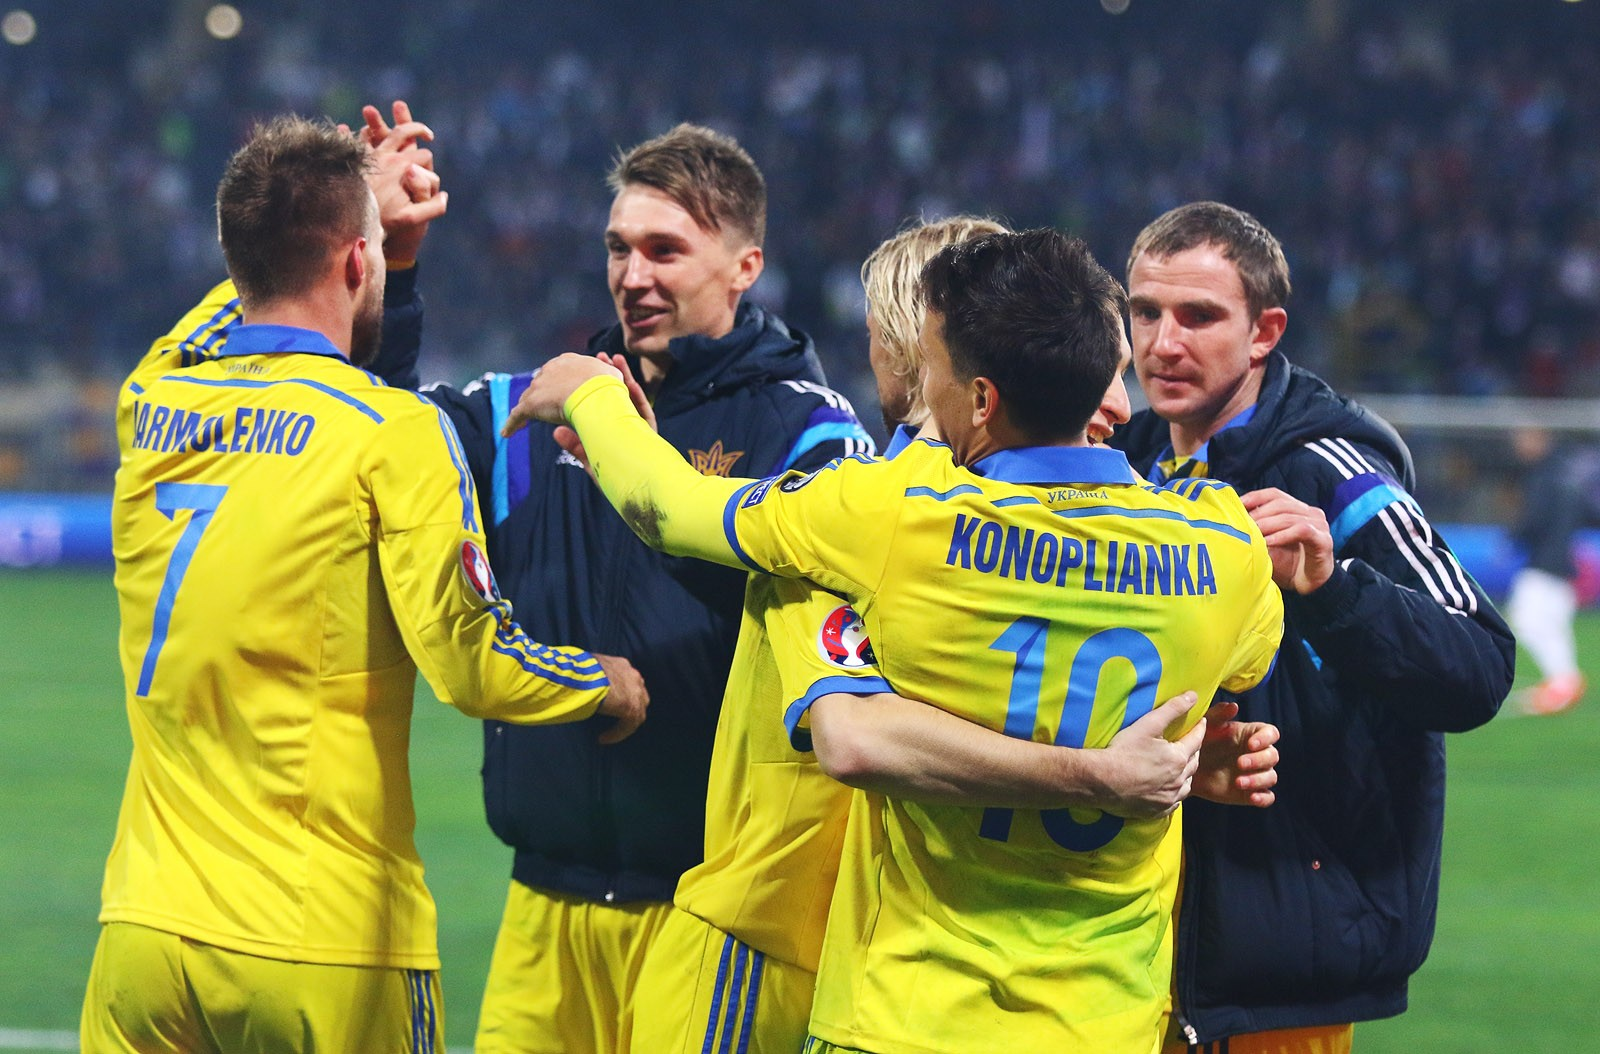 Взгляд из-за бугра: почему Ярмоленко не будет в английской Премьер – лиге - изображение 5